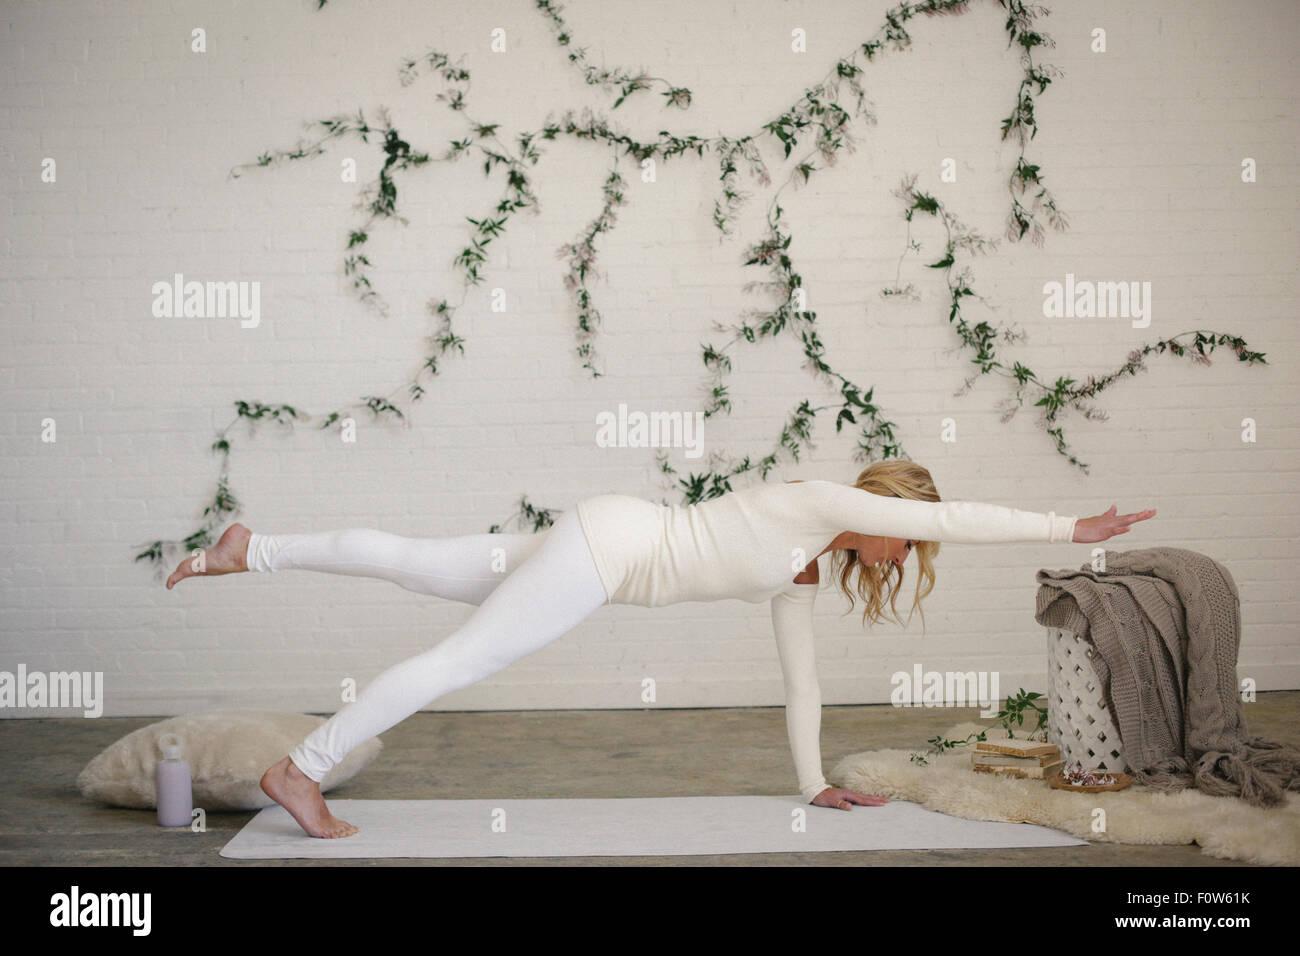 Une femme blonde sur un tapis blanc dans une chambre, sa jambe et bras tendus. Une plante rampante sur le mur derrière Photo Stock